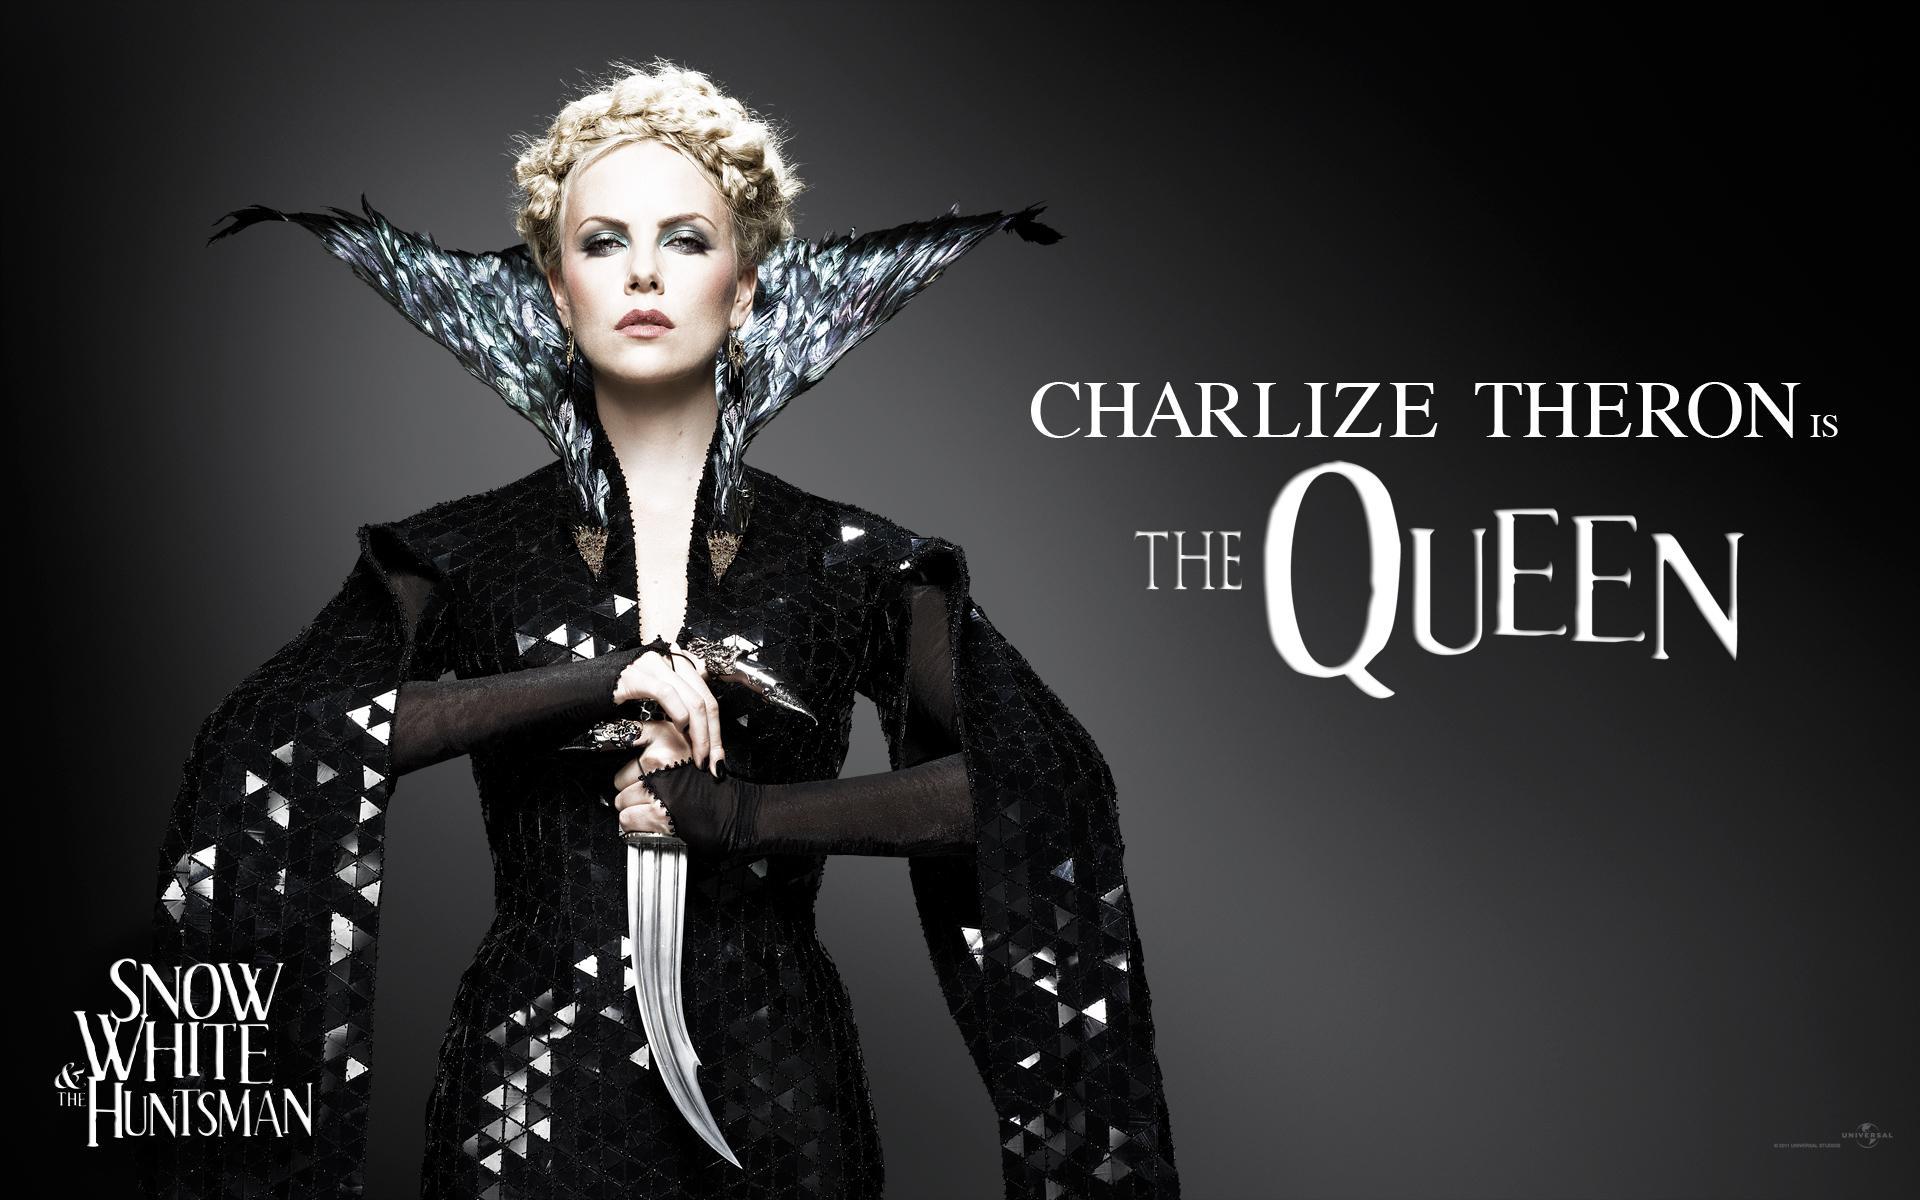 Blanche-Neige et le film Huntsman | Téléchargements officiels de la Blanche-Neige et le film Huntsman | Dans les théâtres Juin 1, 2012